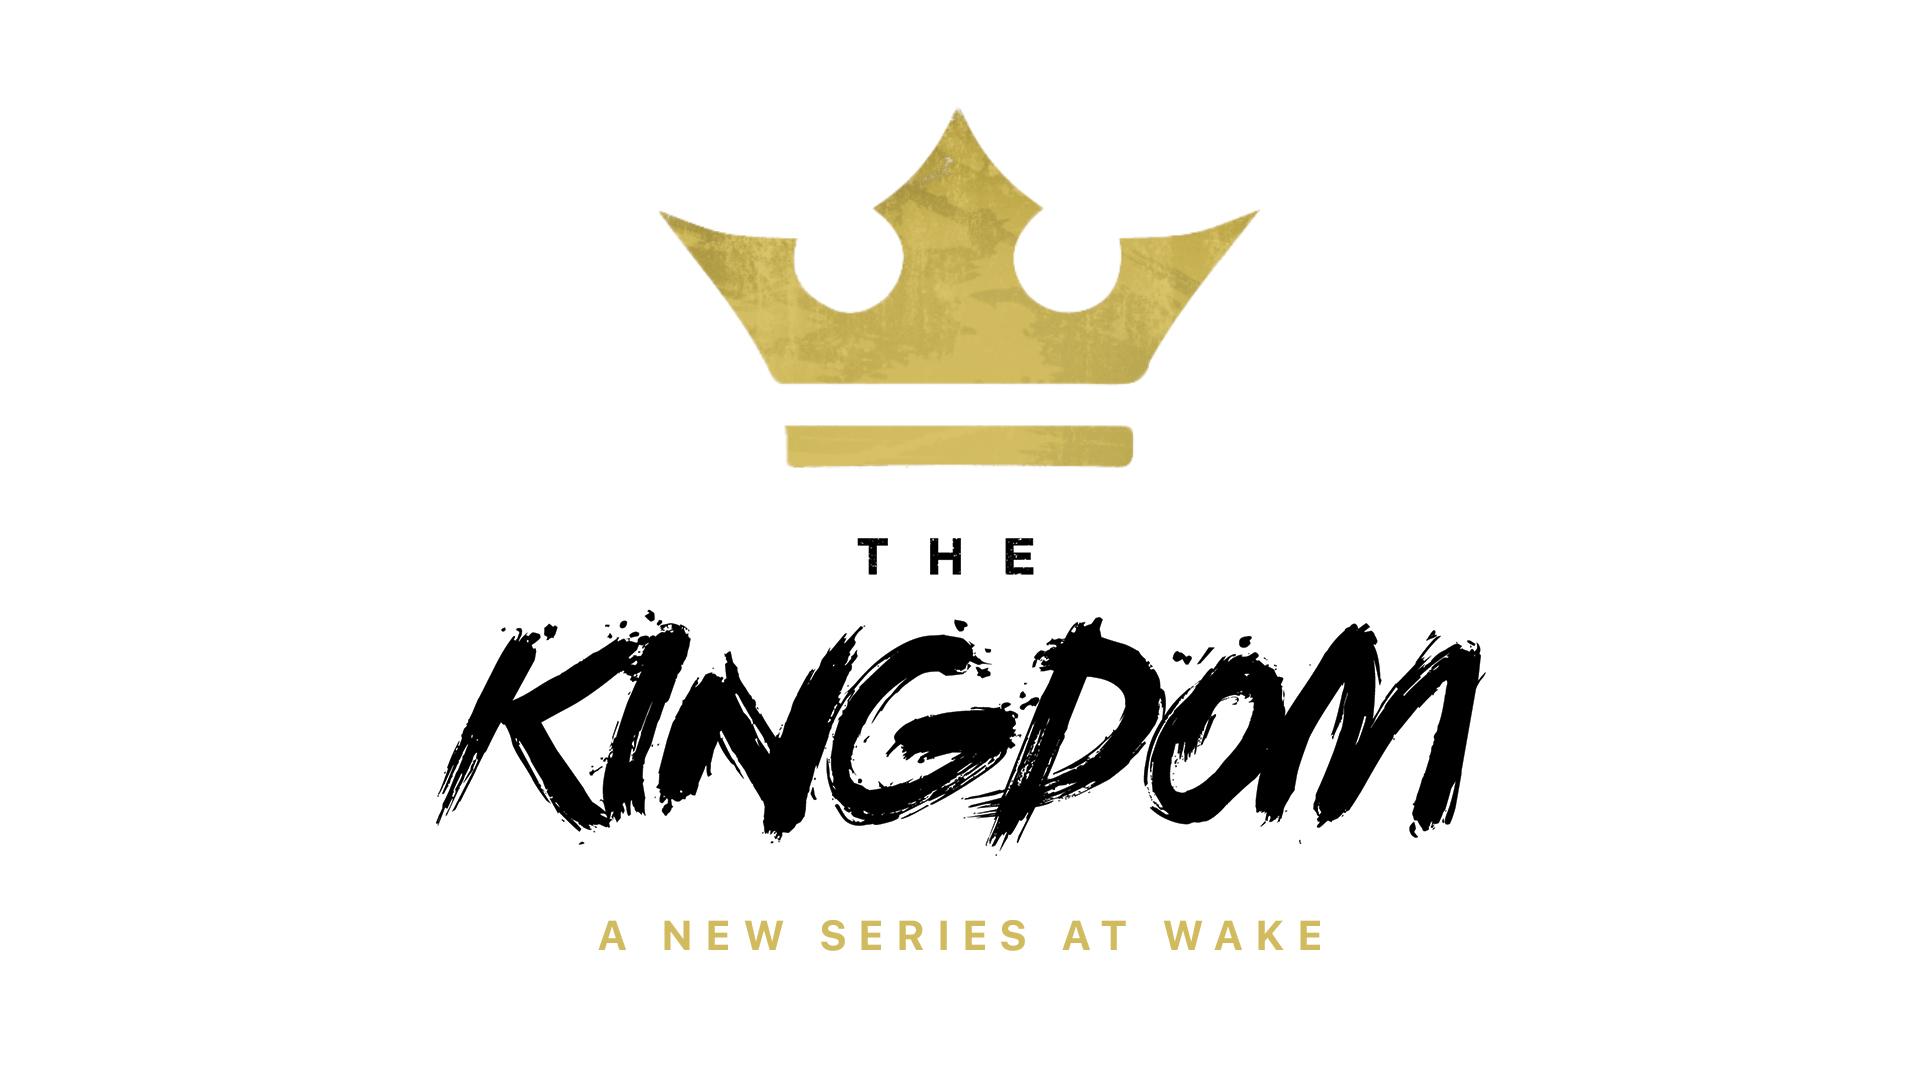 WAKE_Kingdom_Series_V4.jpg